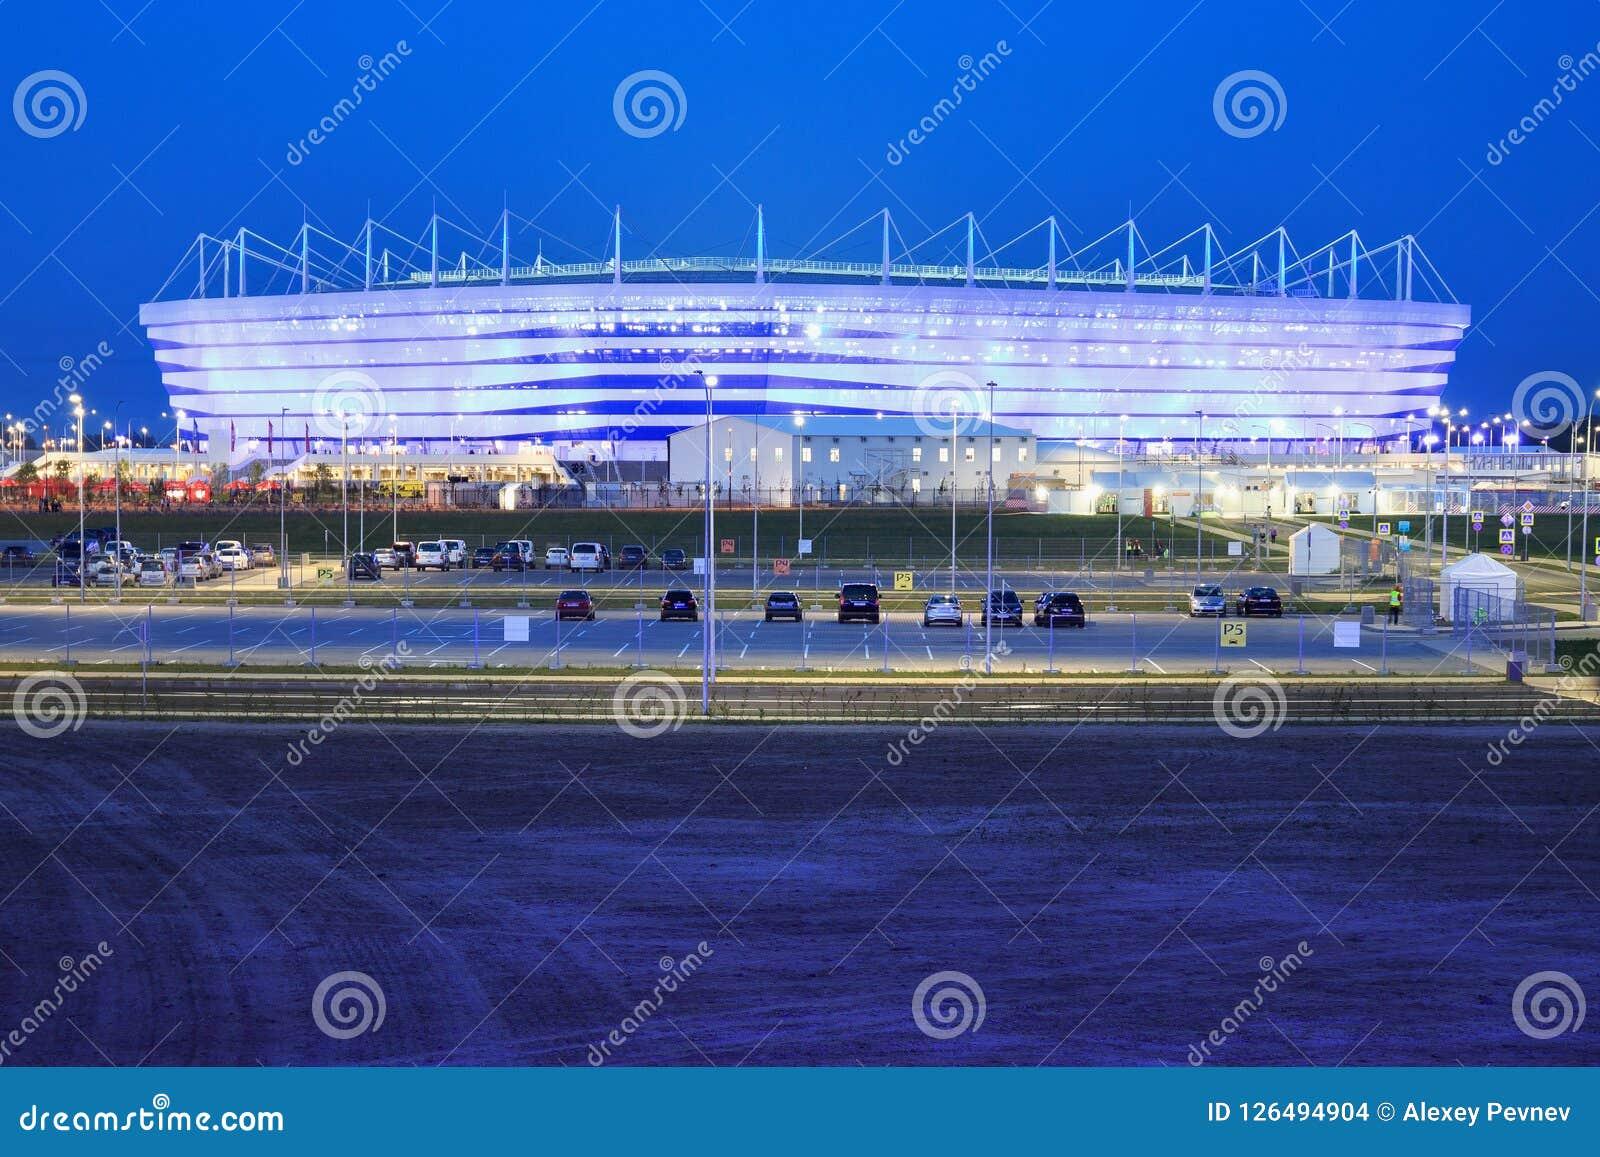 KALININGRAD, RUSSLAND - 16. JUNI 2018: Nachtansicht des modernen Kaliningrad-Fußballstadions rief auch Arena Baltika an